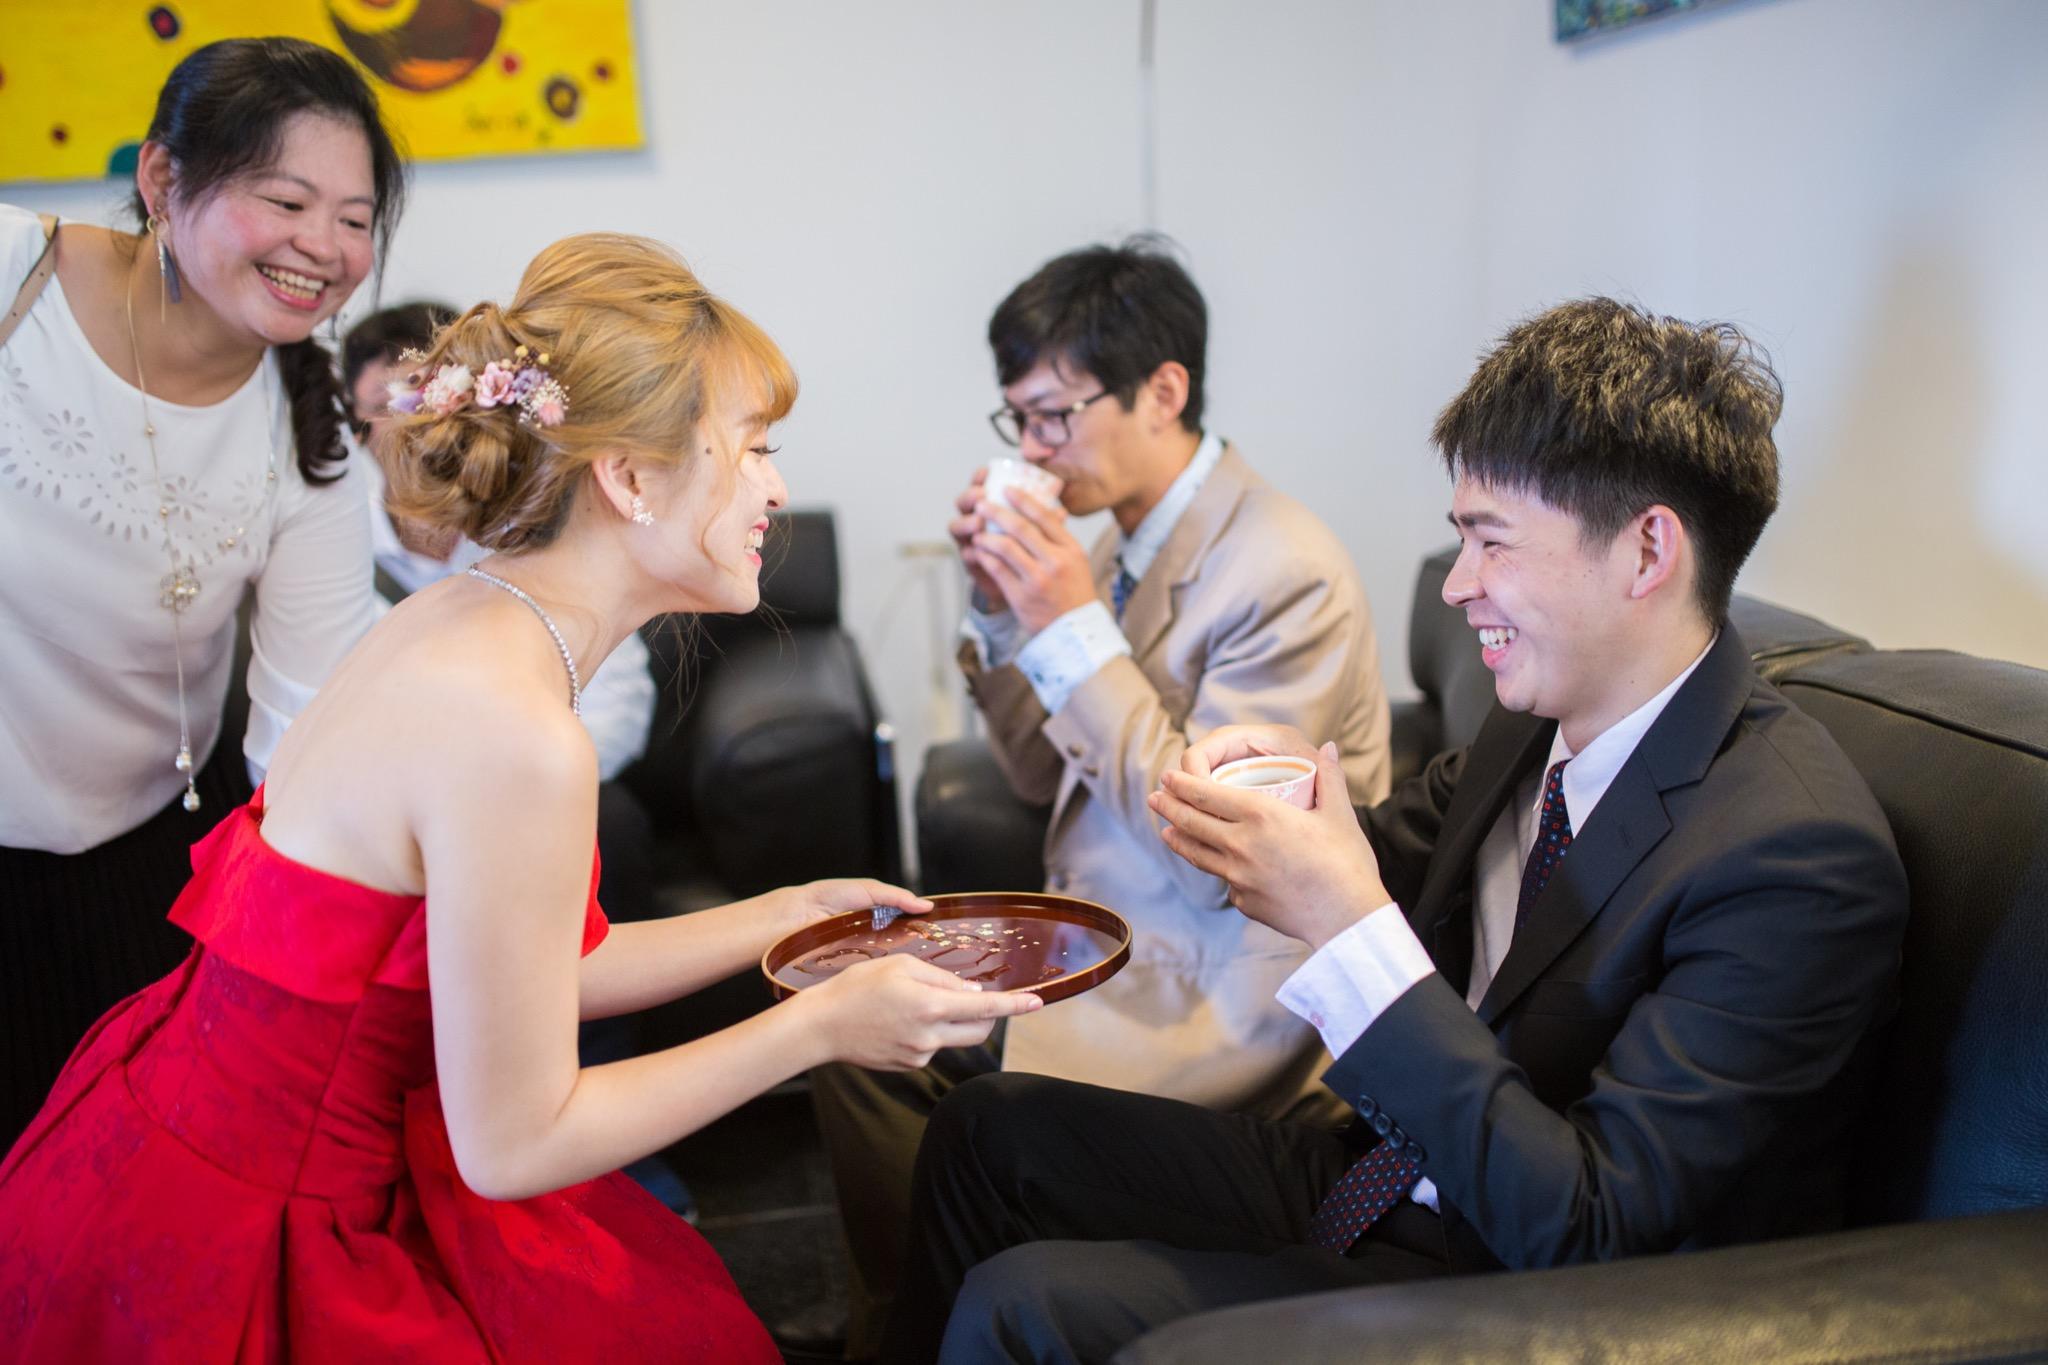 南投南峰高爾夫球場,舉辦婚禮文定儀式,攝影師張西米,台中婚錄推薦35